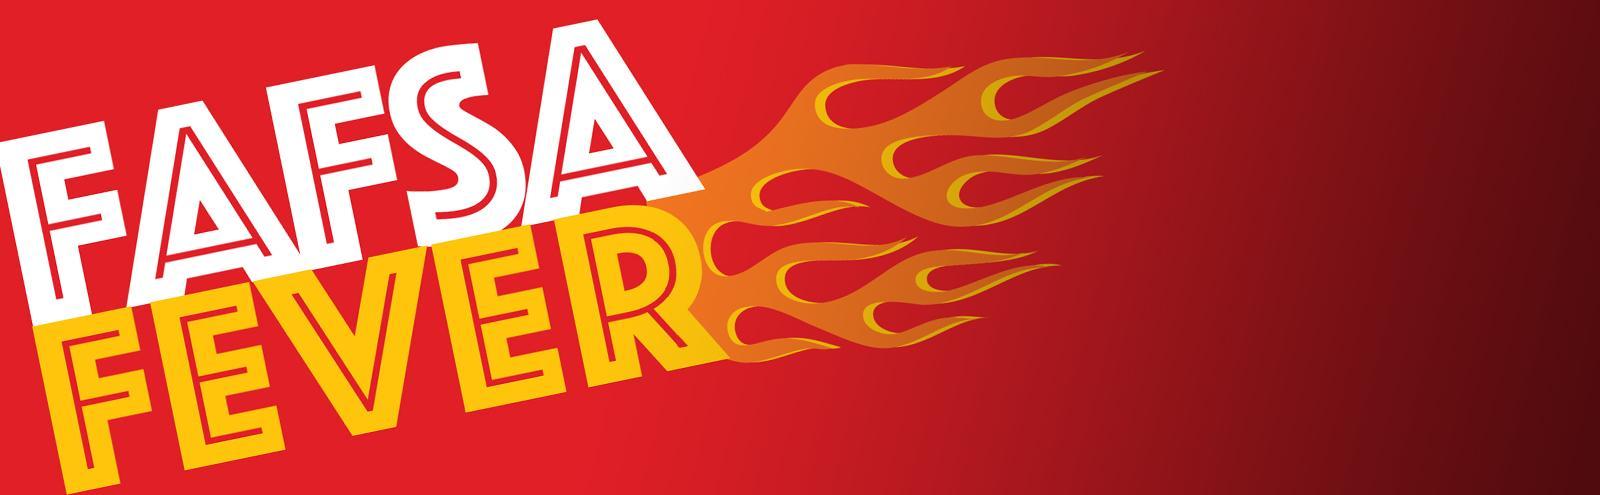 FAFSA Fever slider